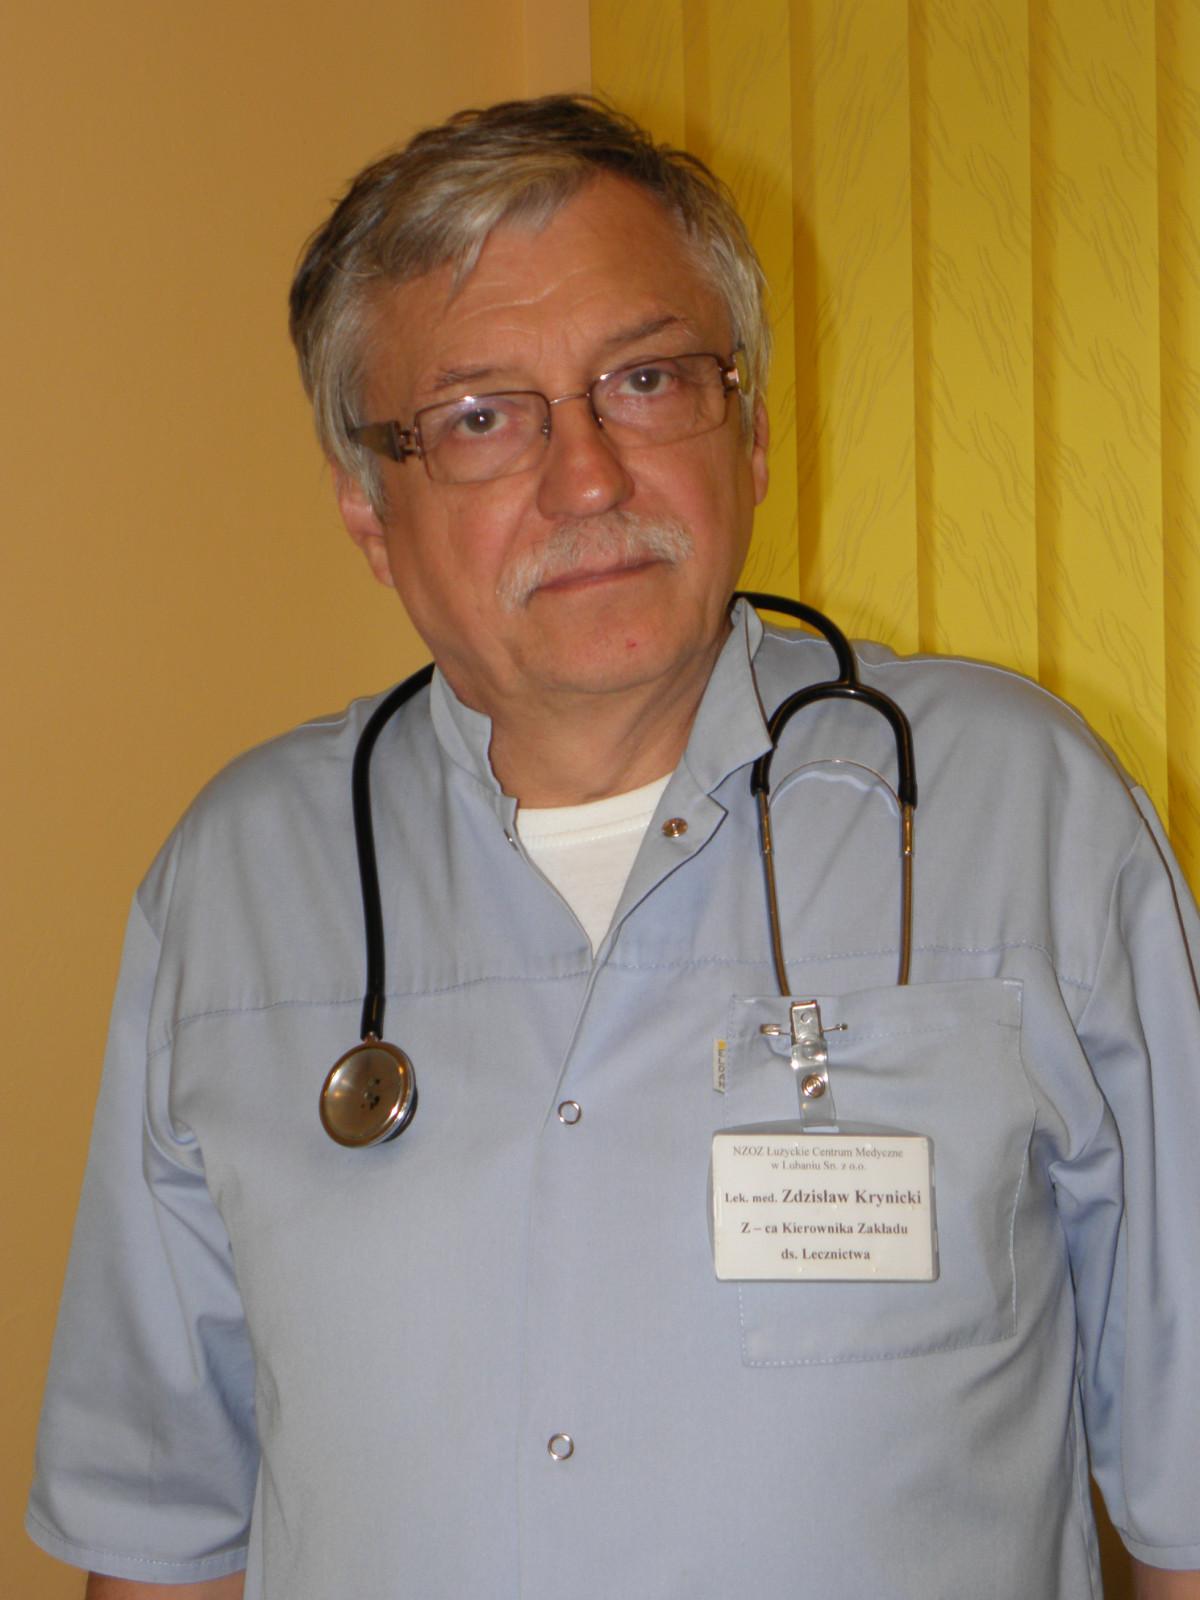 Zdzisław Krynicki